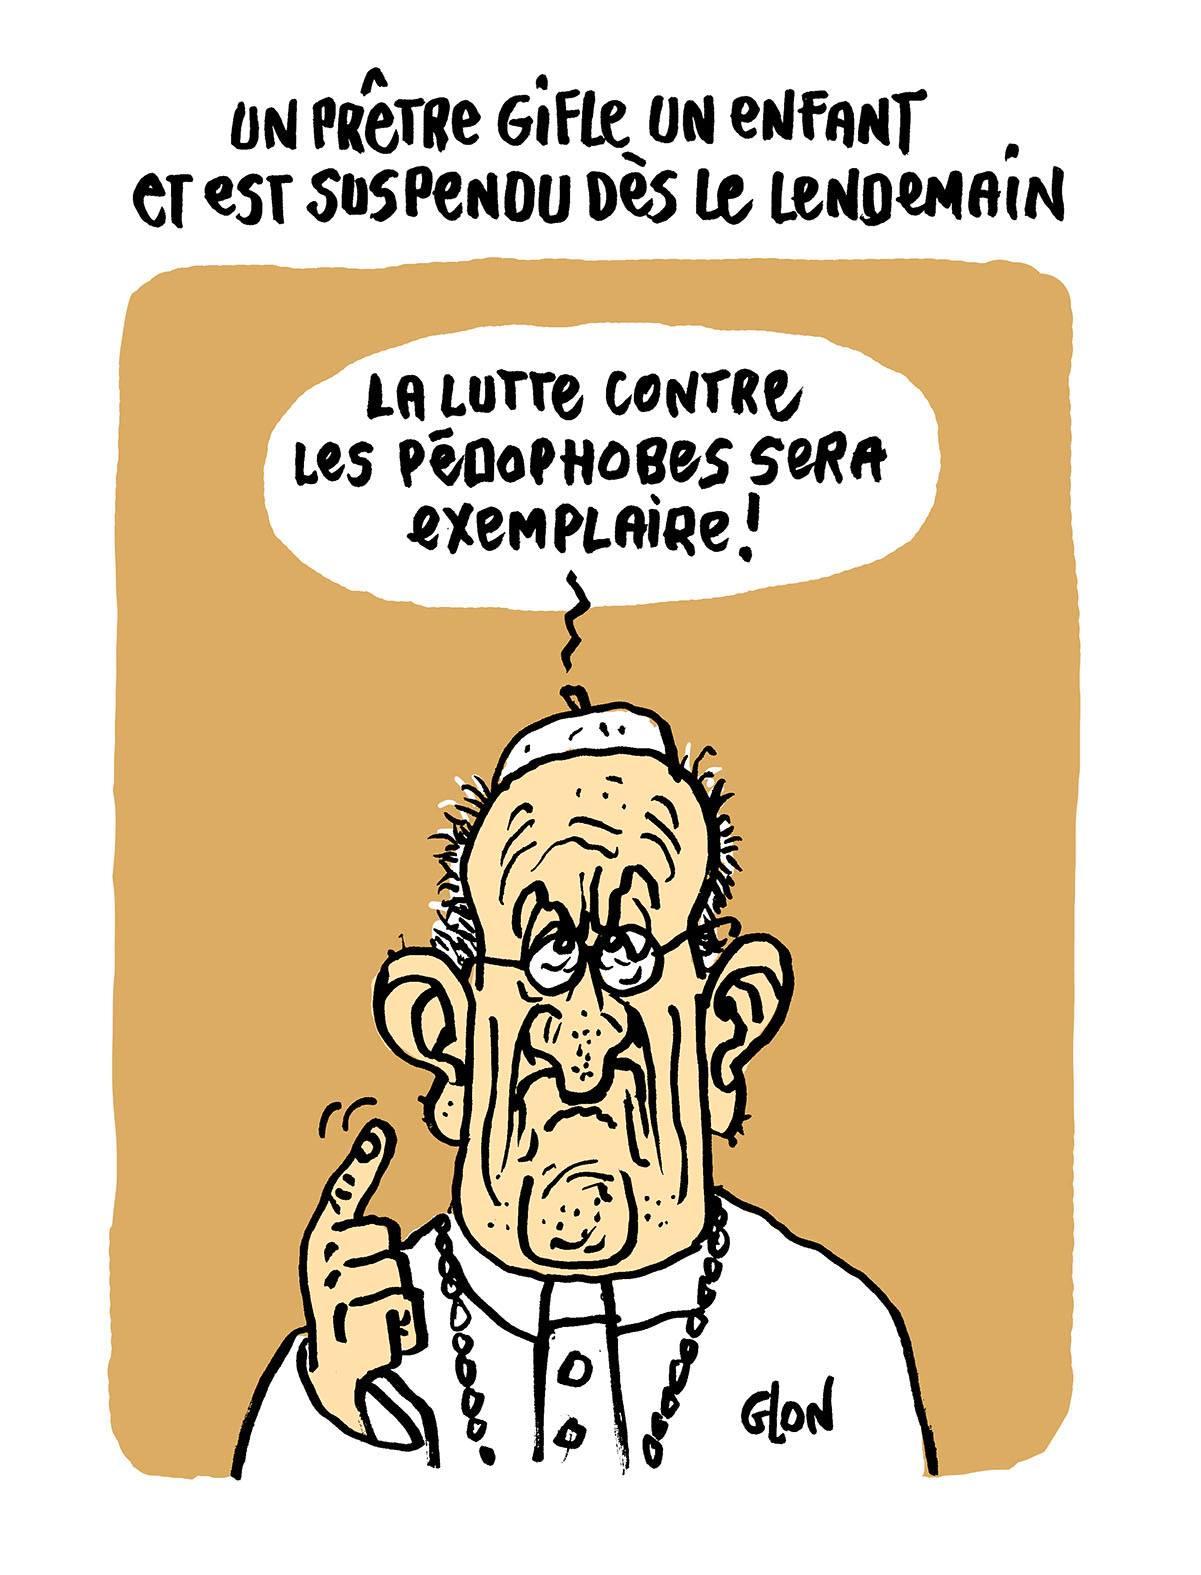 dessin d'actualité du Pape François réagissant à l'affaire du prêtre qui a giflé un enfant lors de son baptême